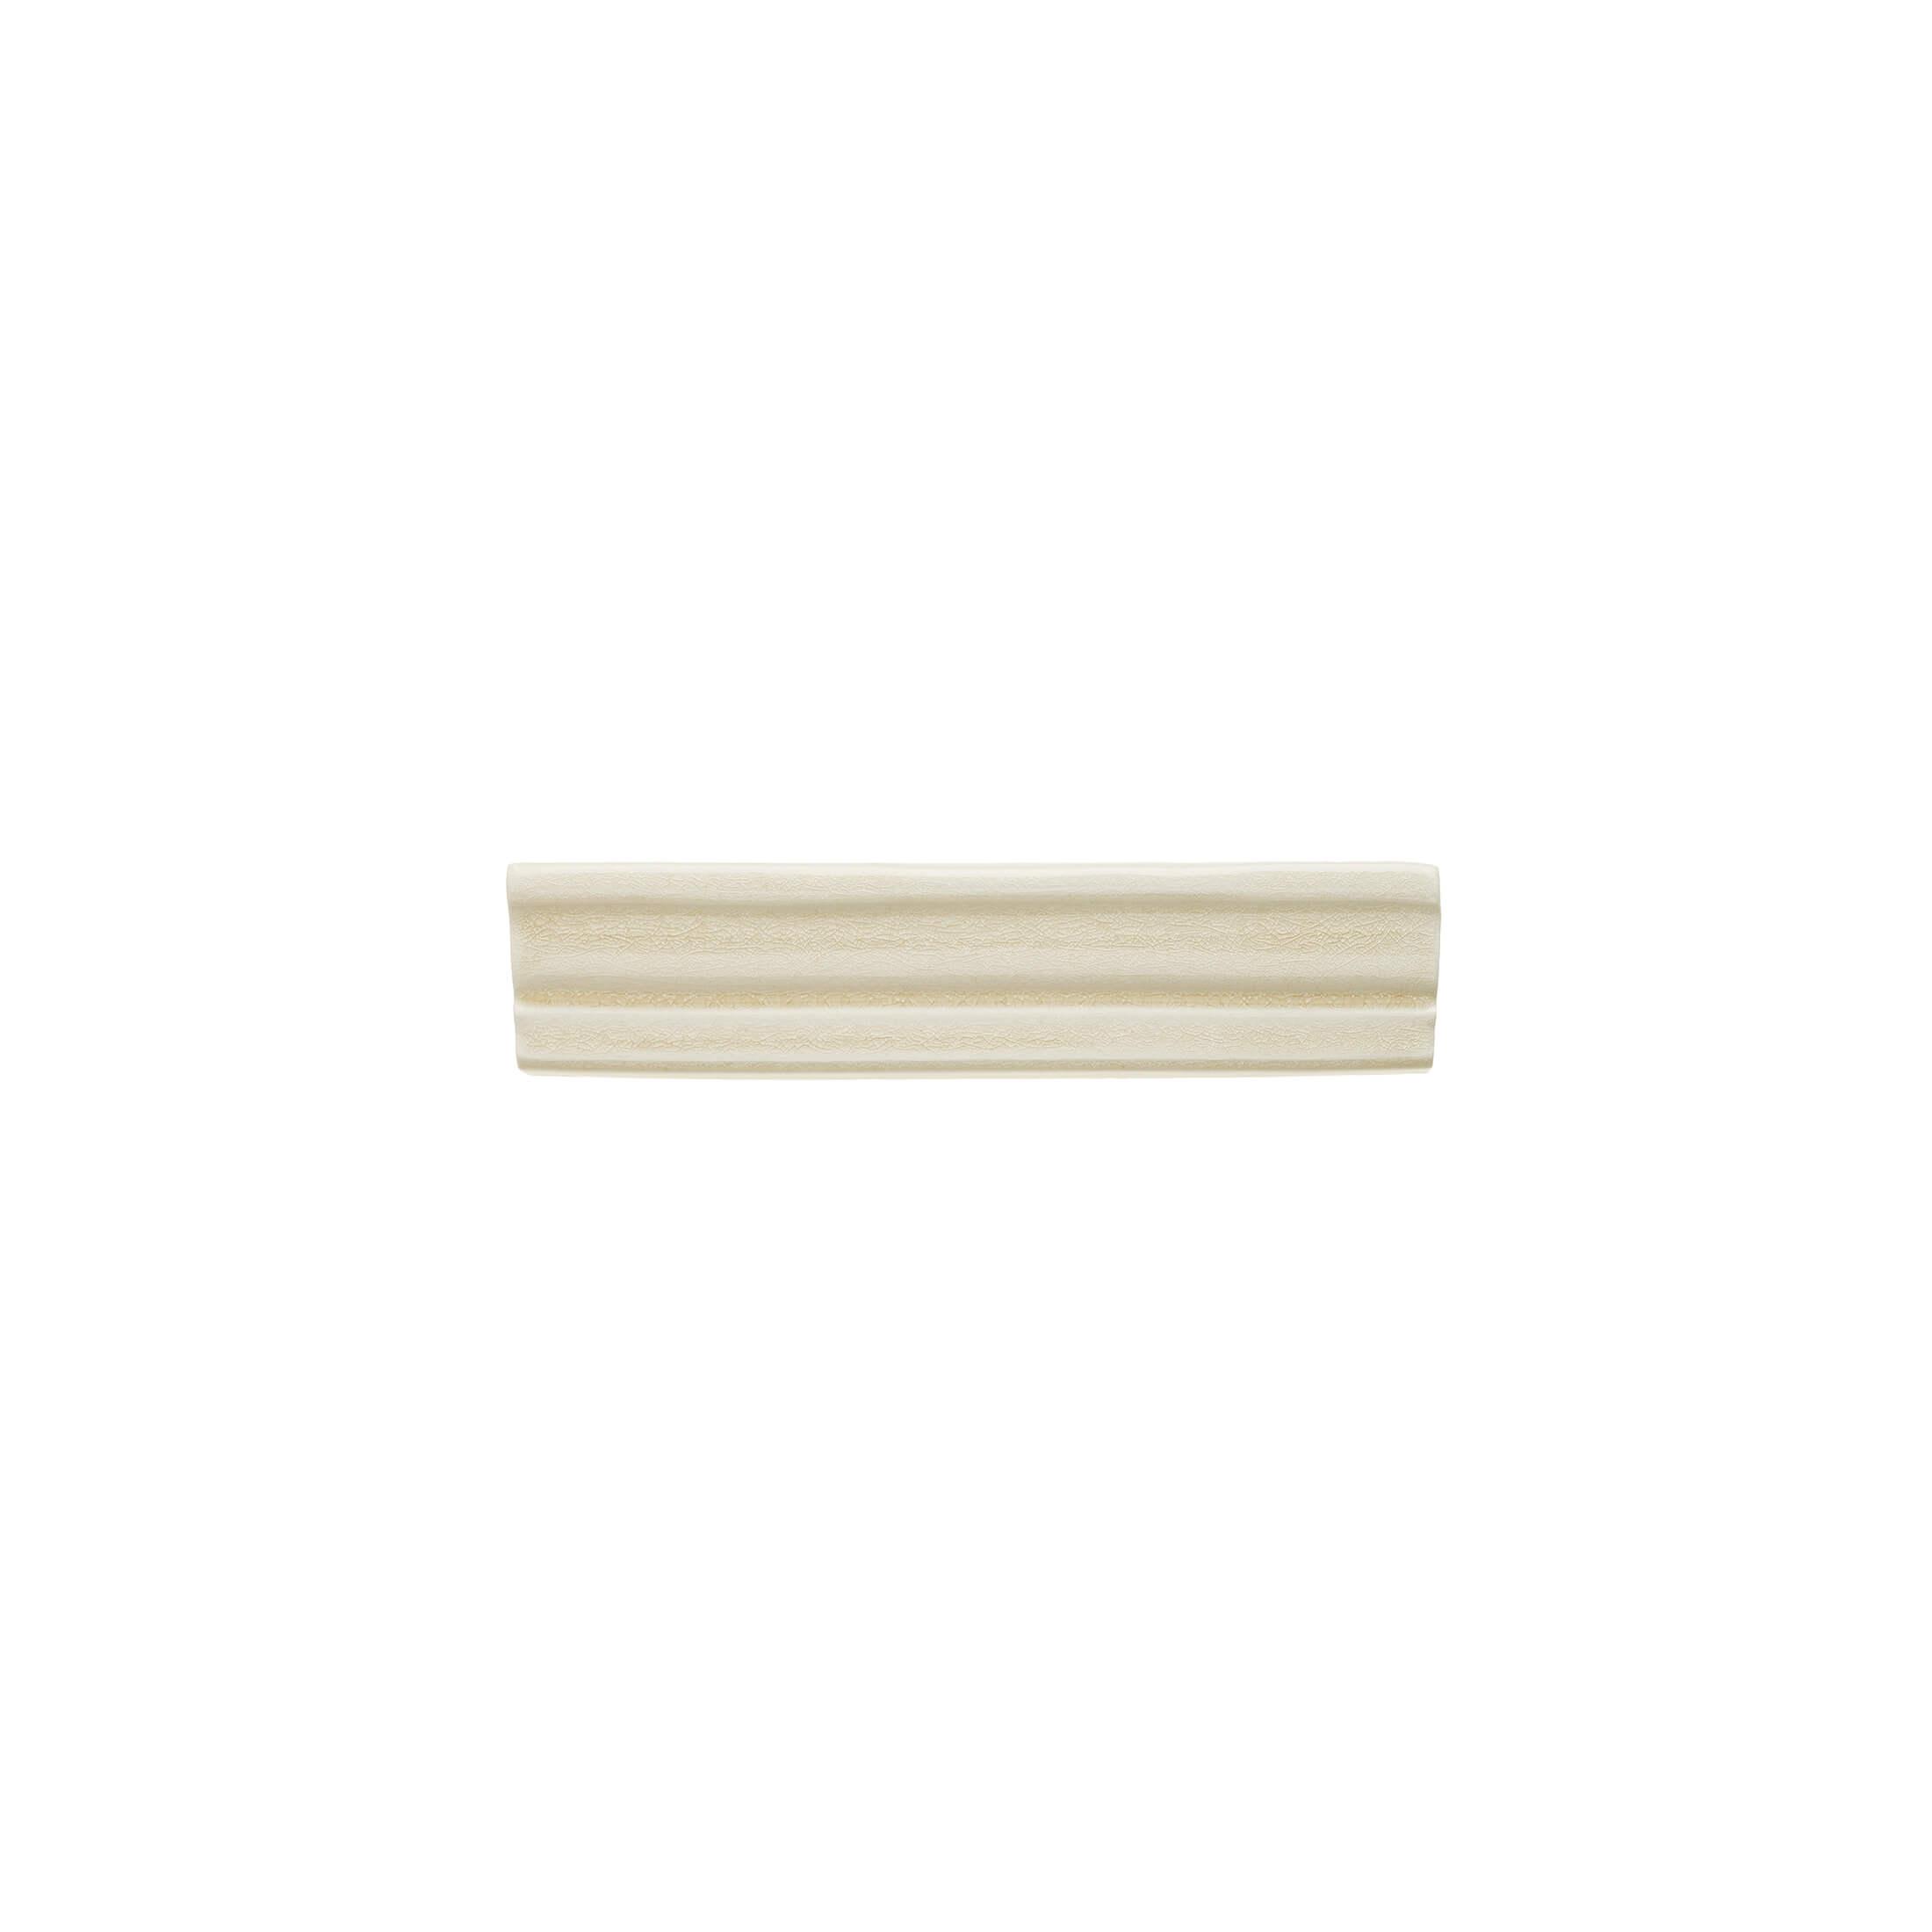 ADOC5057 - CORNISA  - 3 cm X 15 cm